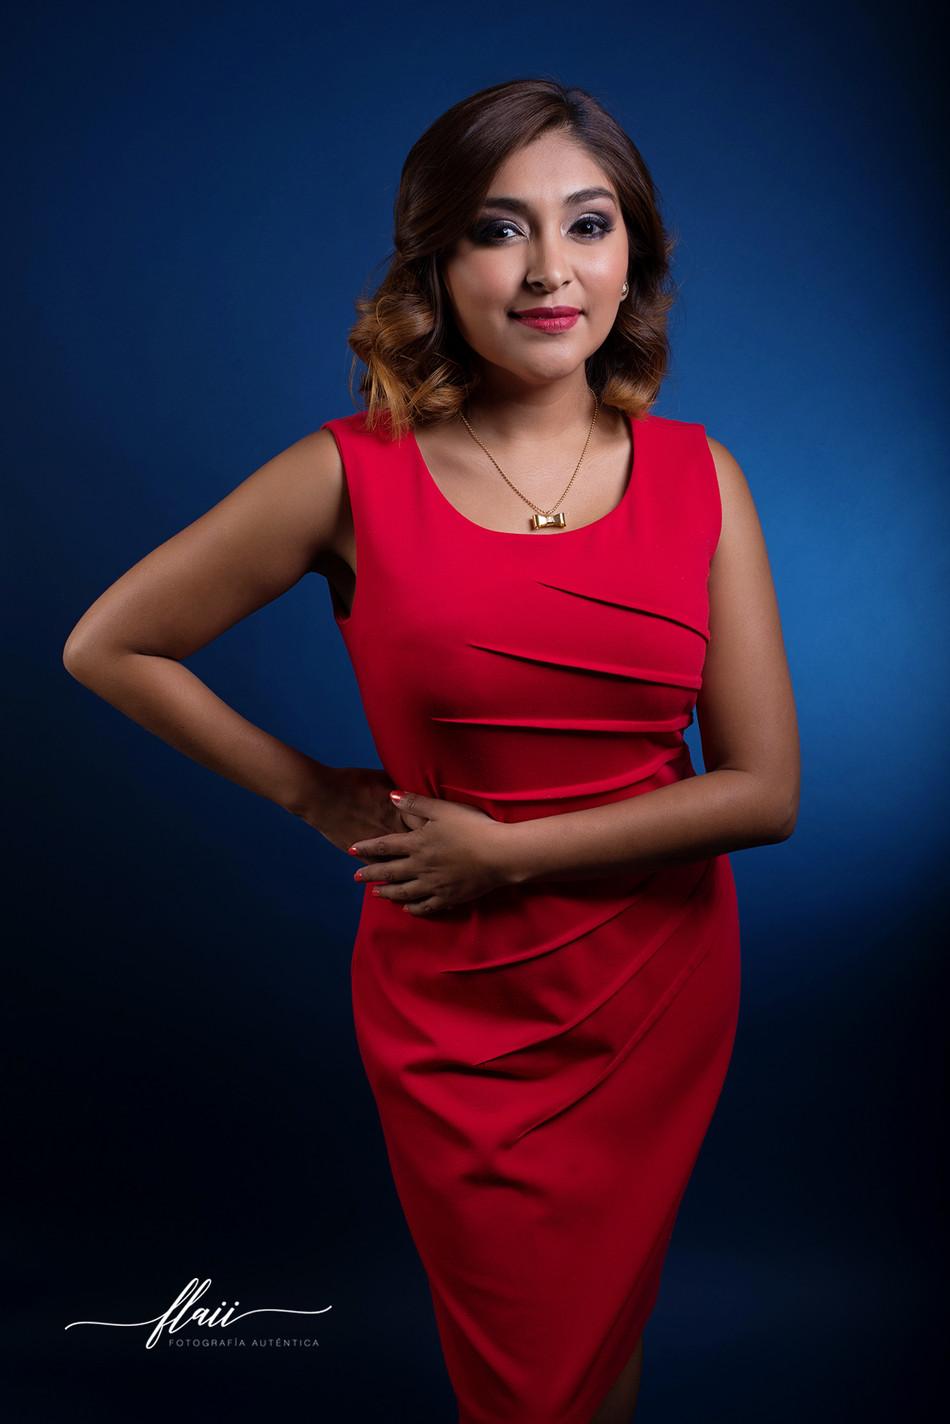 Dra. Iris Colunga - workprofile